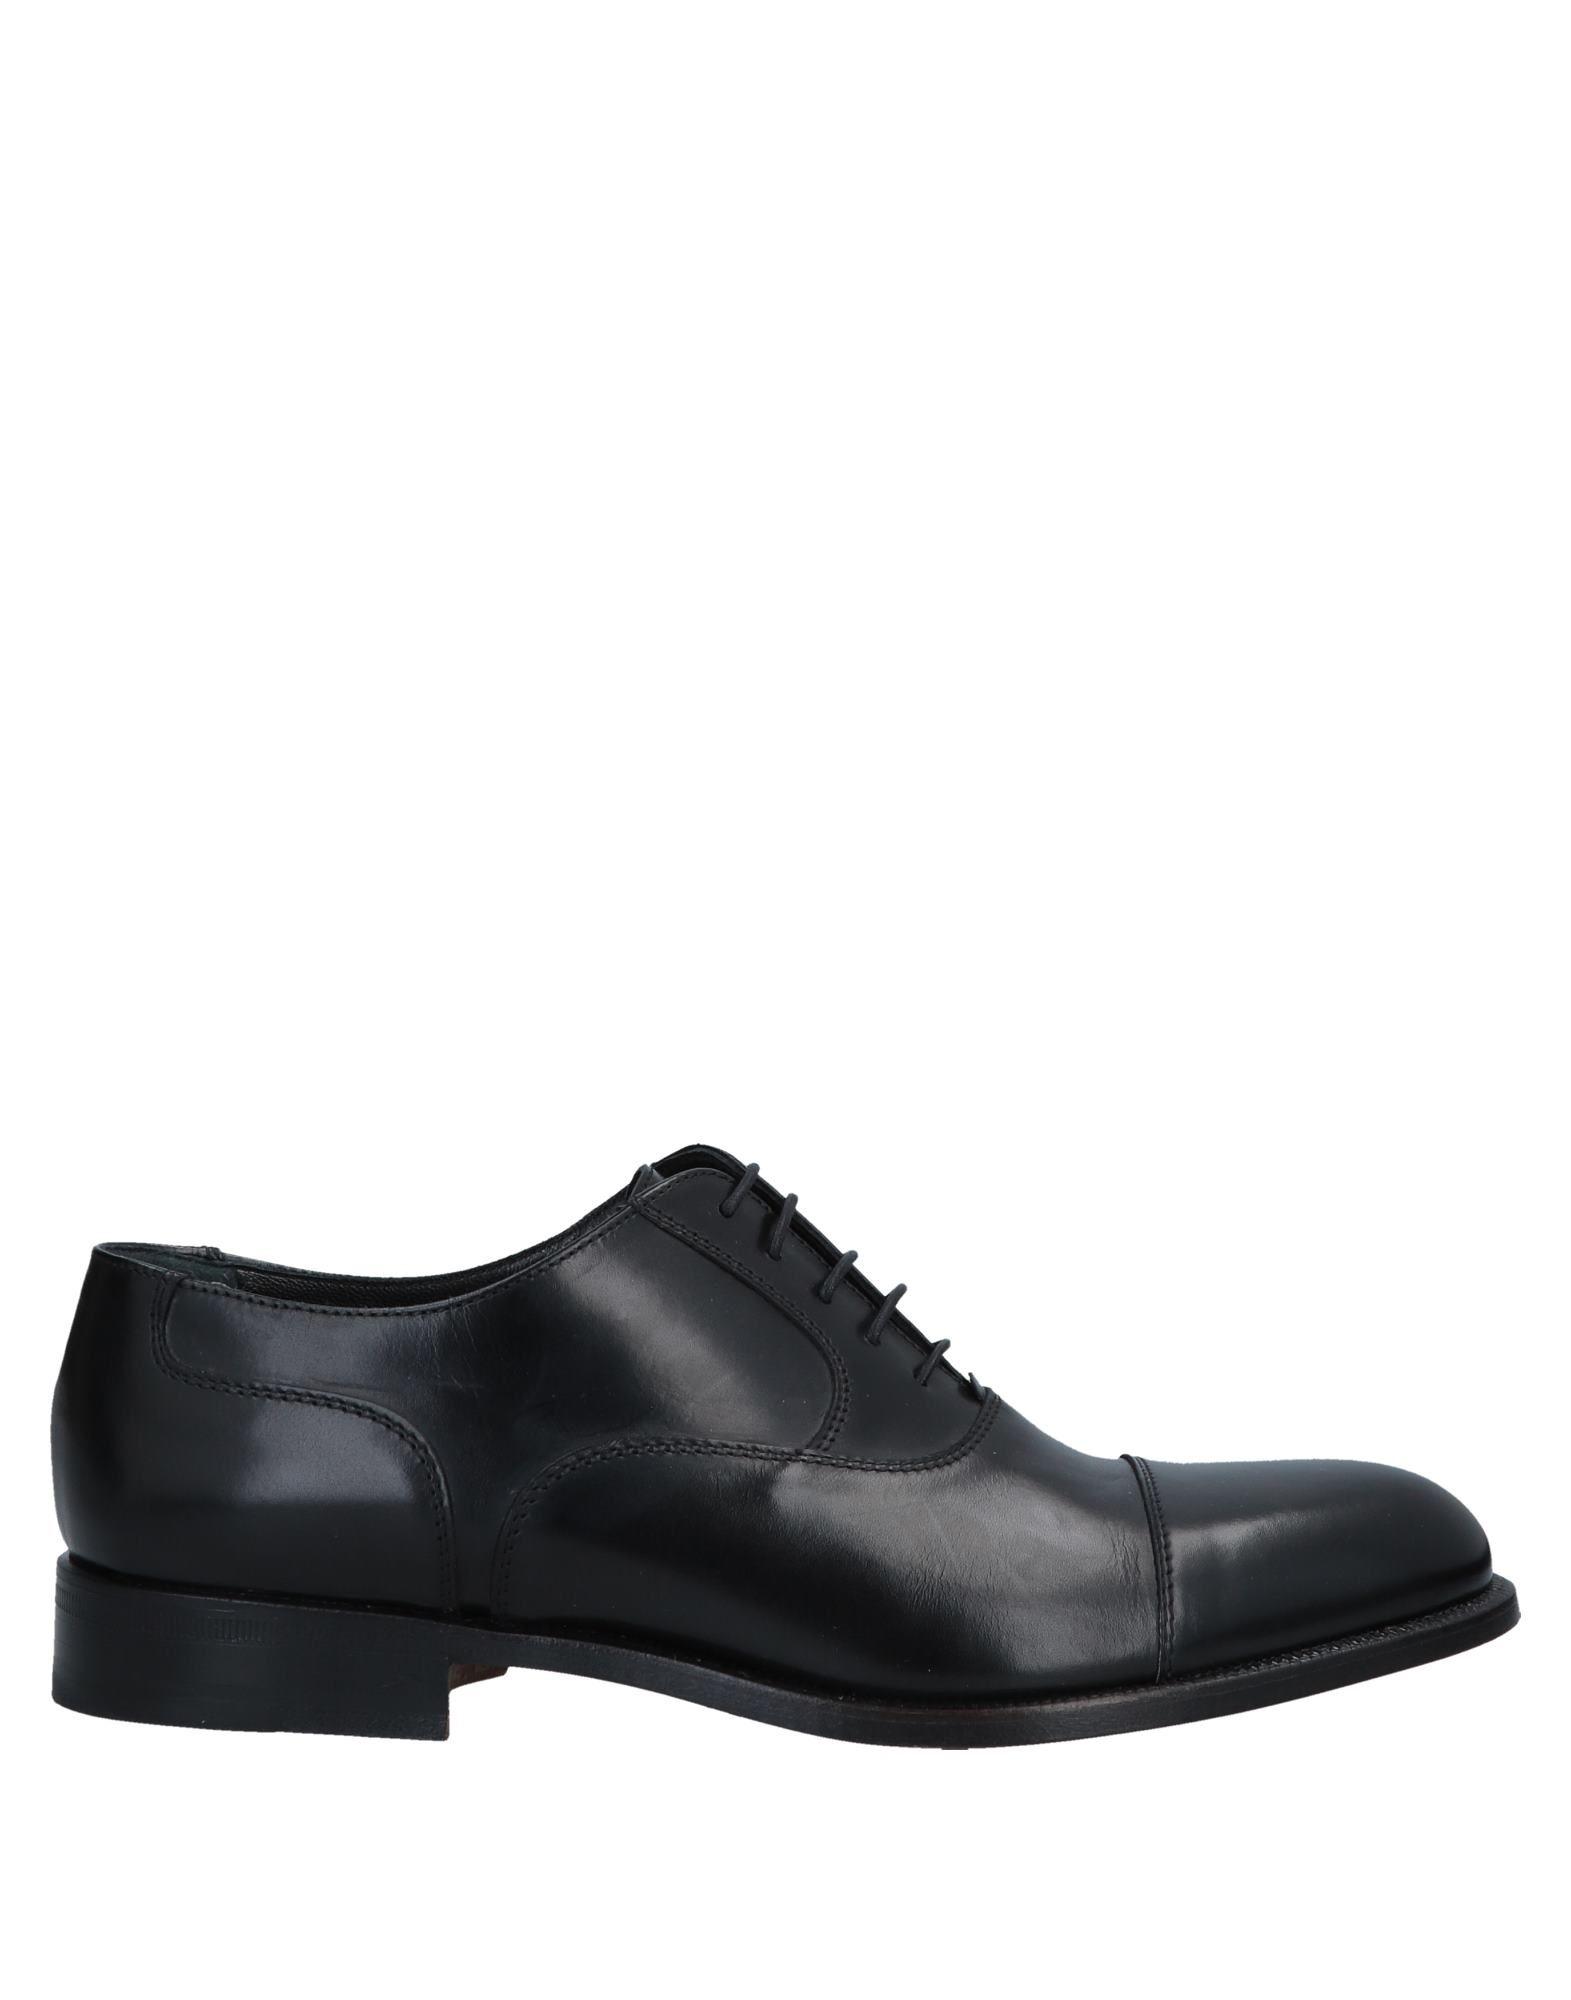 Фото - MORESCHI Обувь на шнурках обувь на высокой платформе dkny